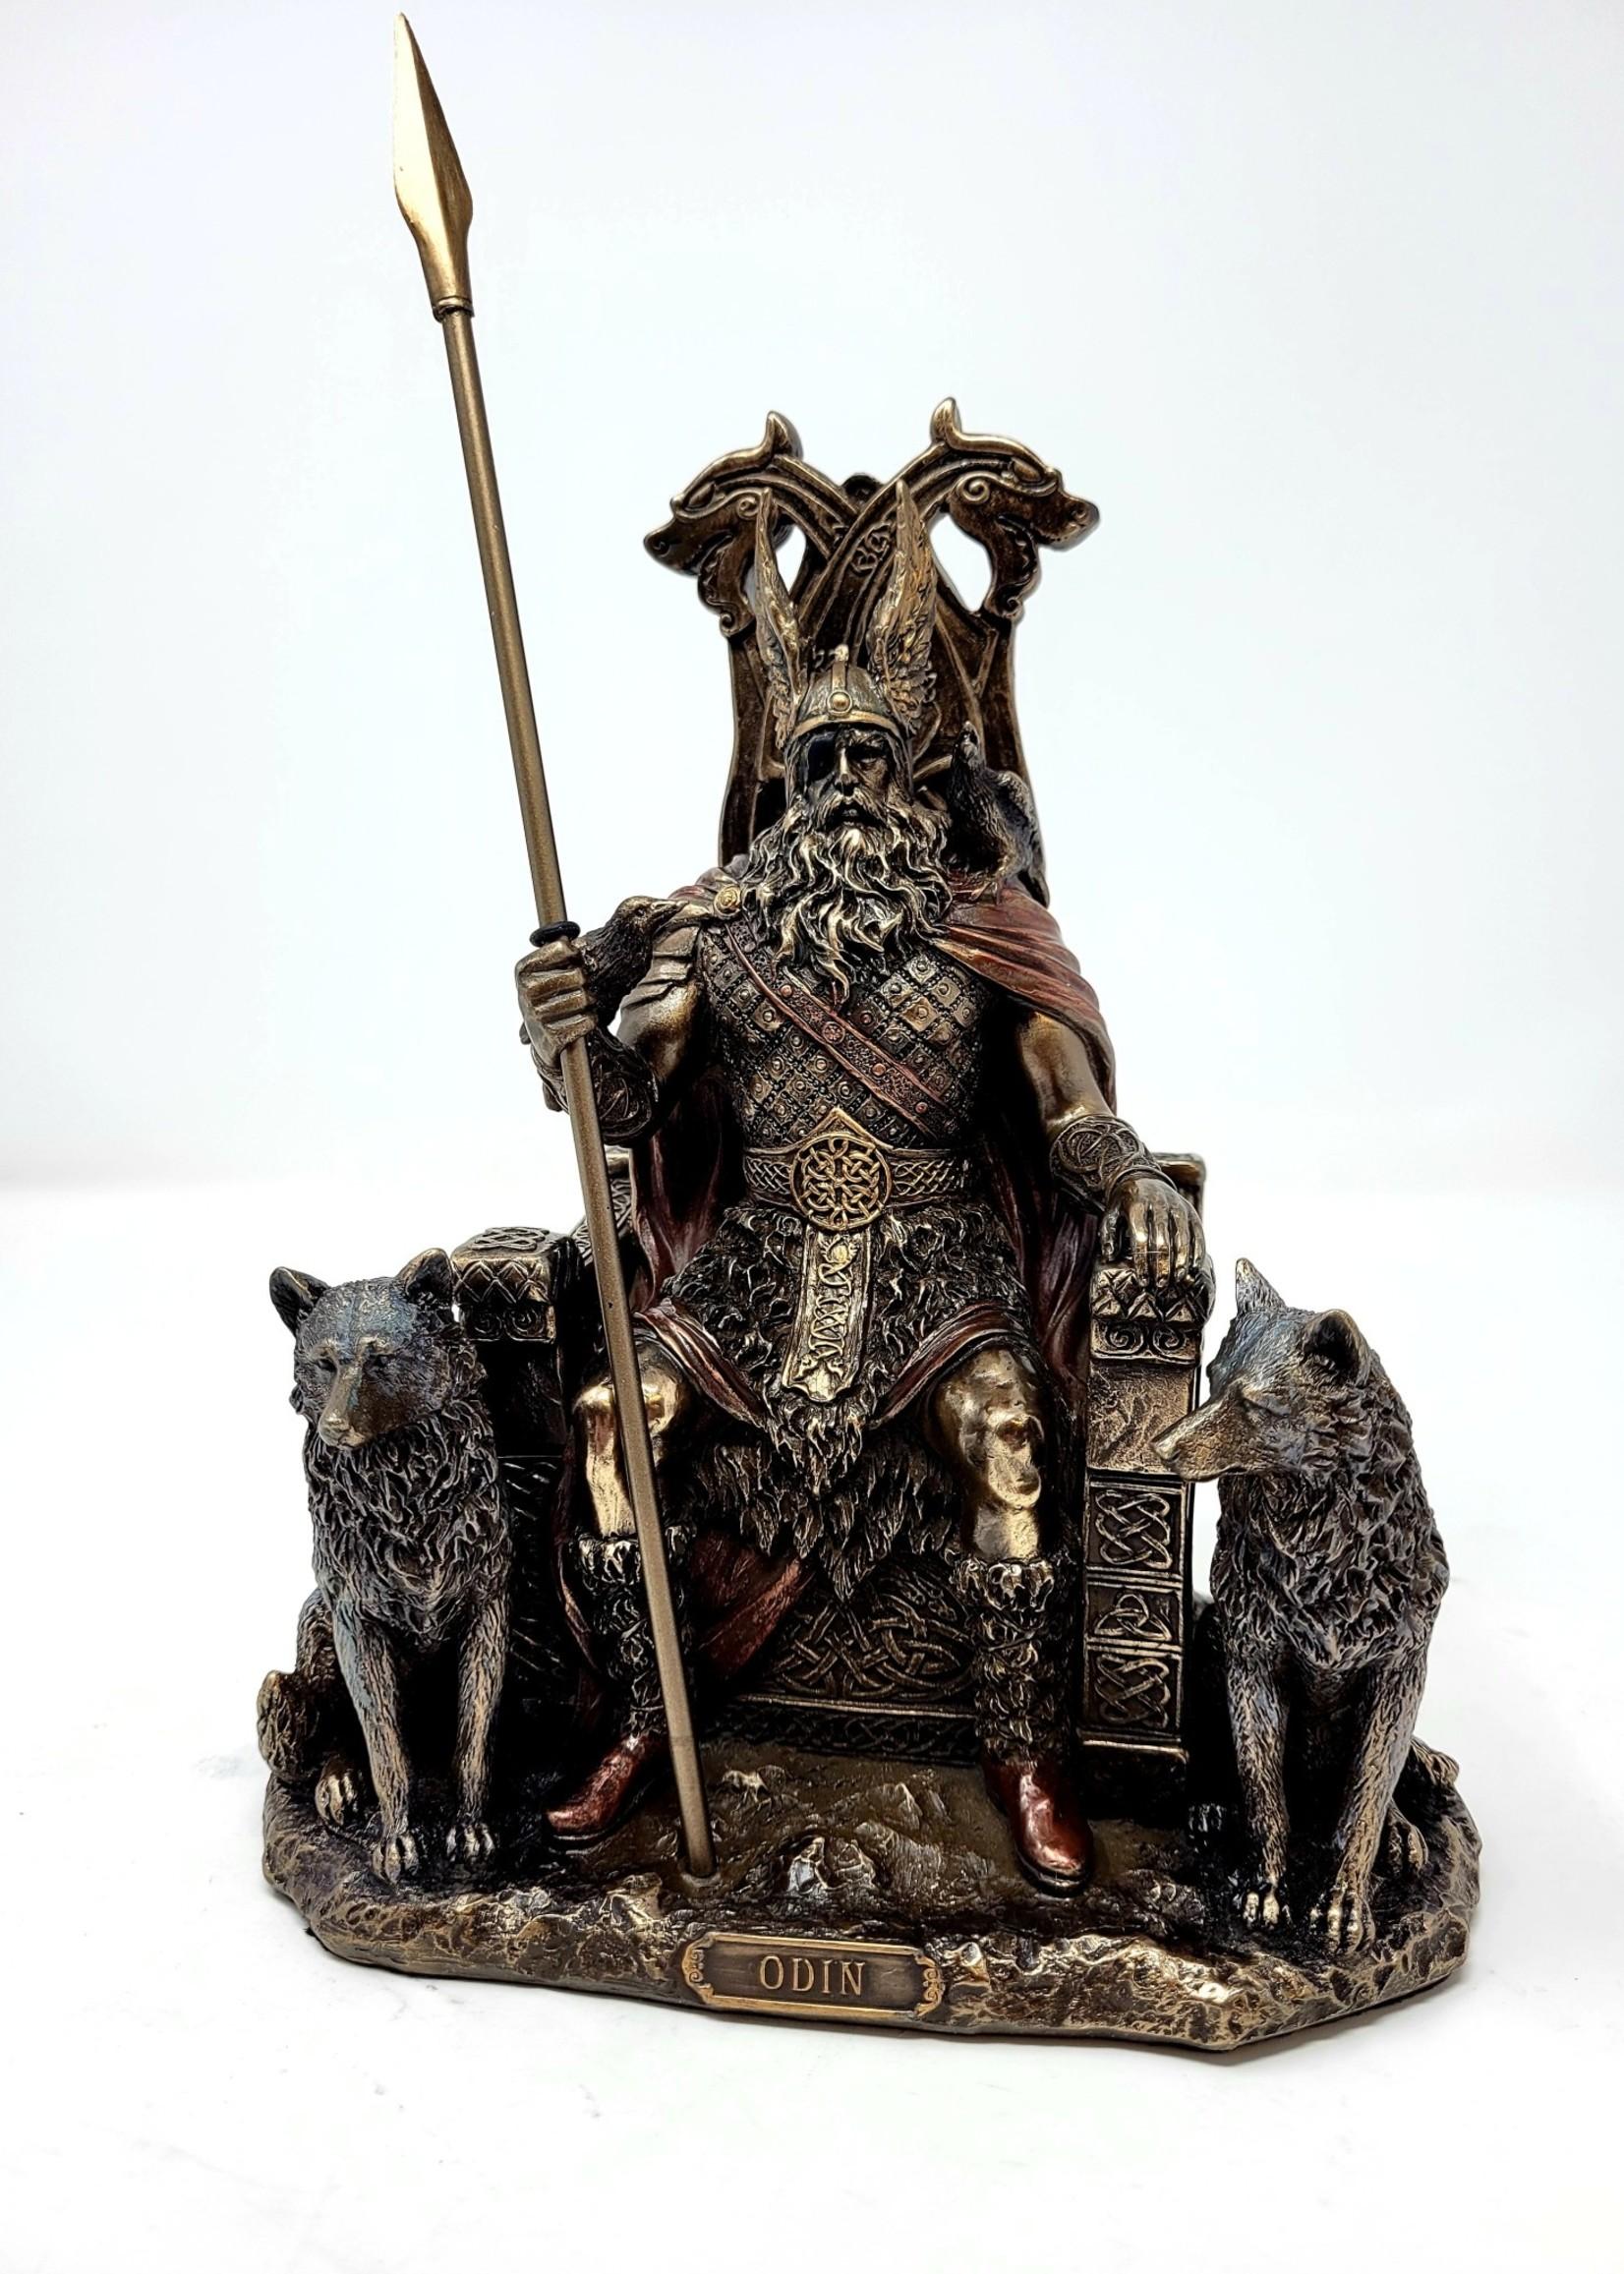 Odin Sitting On Thrown With Geri & Freki